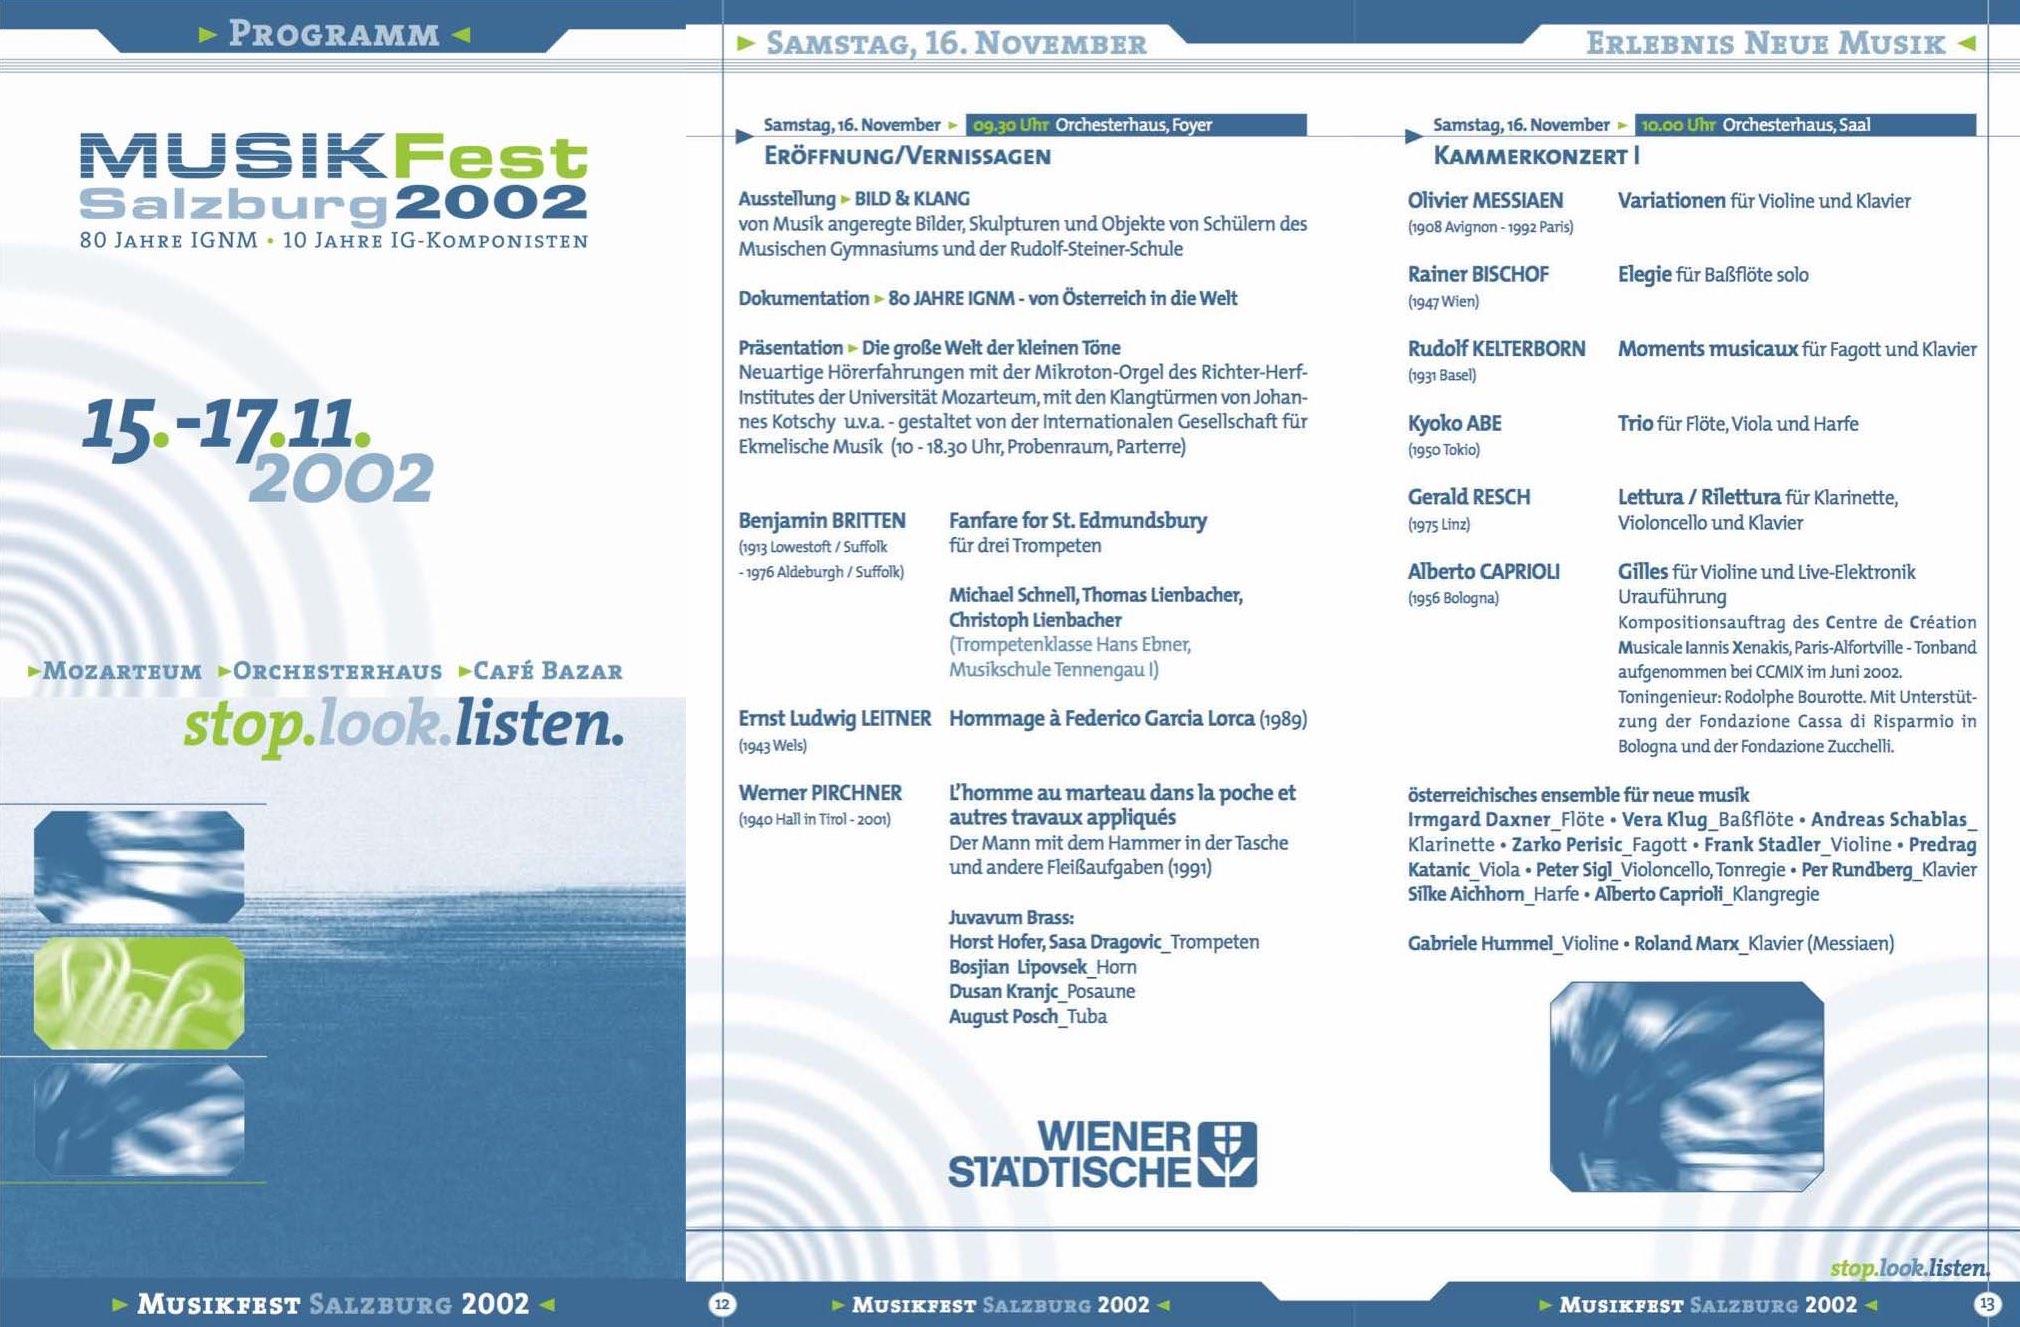 MUSIKFEST SALZBURG 2002